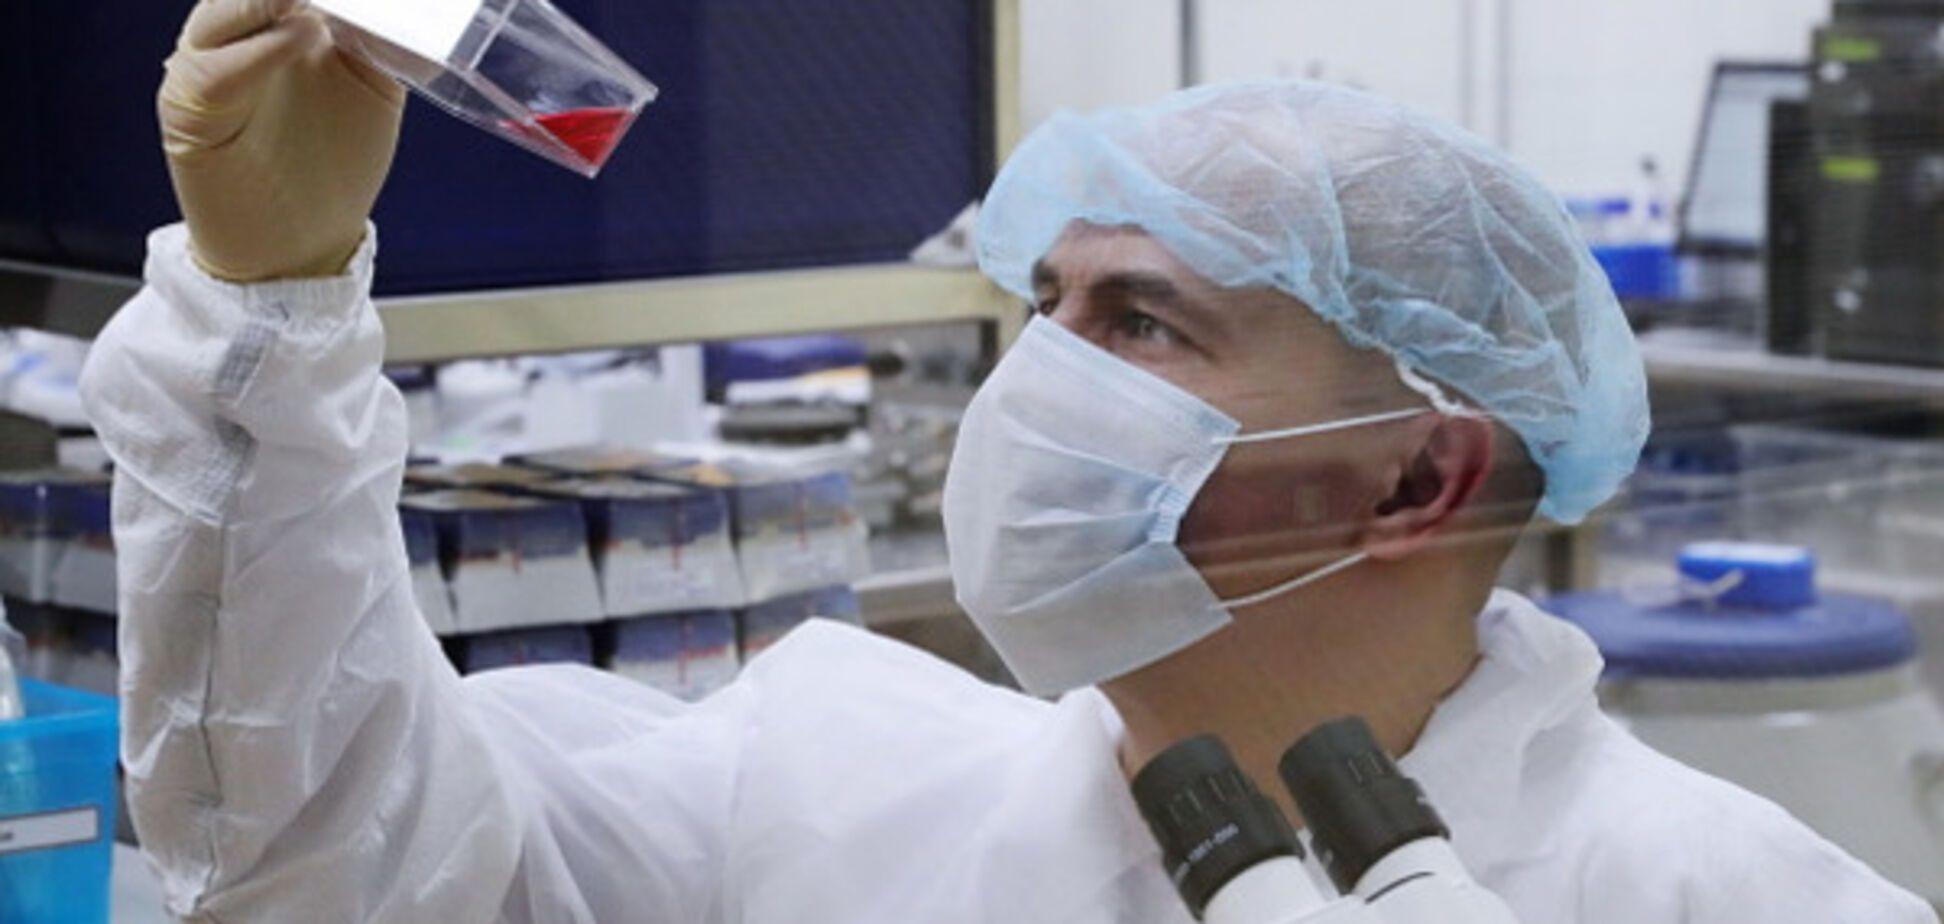 Международные закупки лекарств для Украины: обман и манипуляции